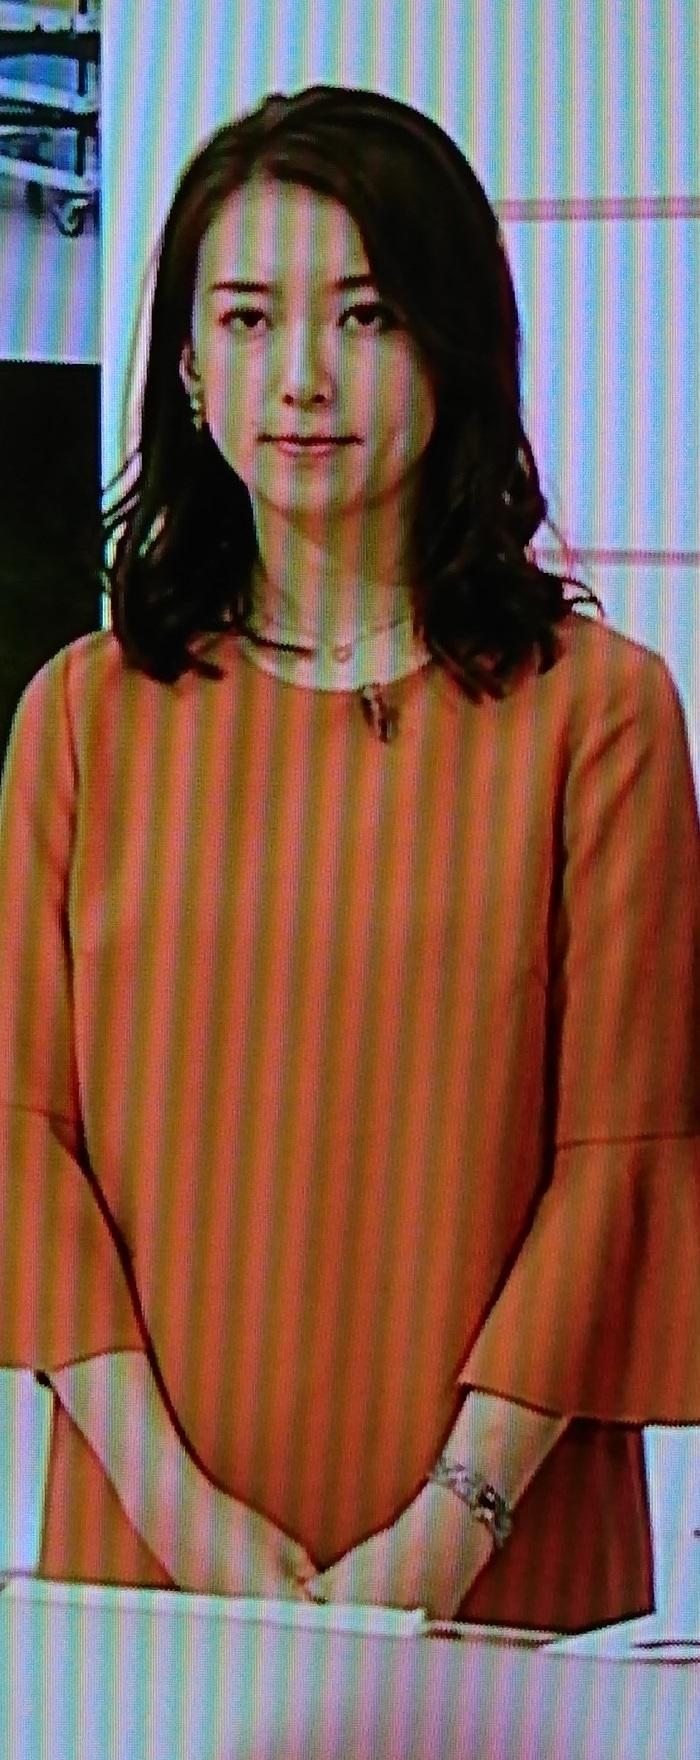 2016.12.21 和久田麻由子さん (1) 700-1760